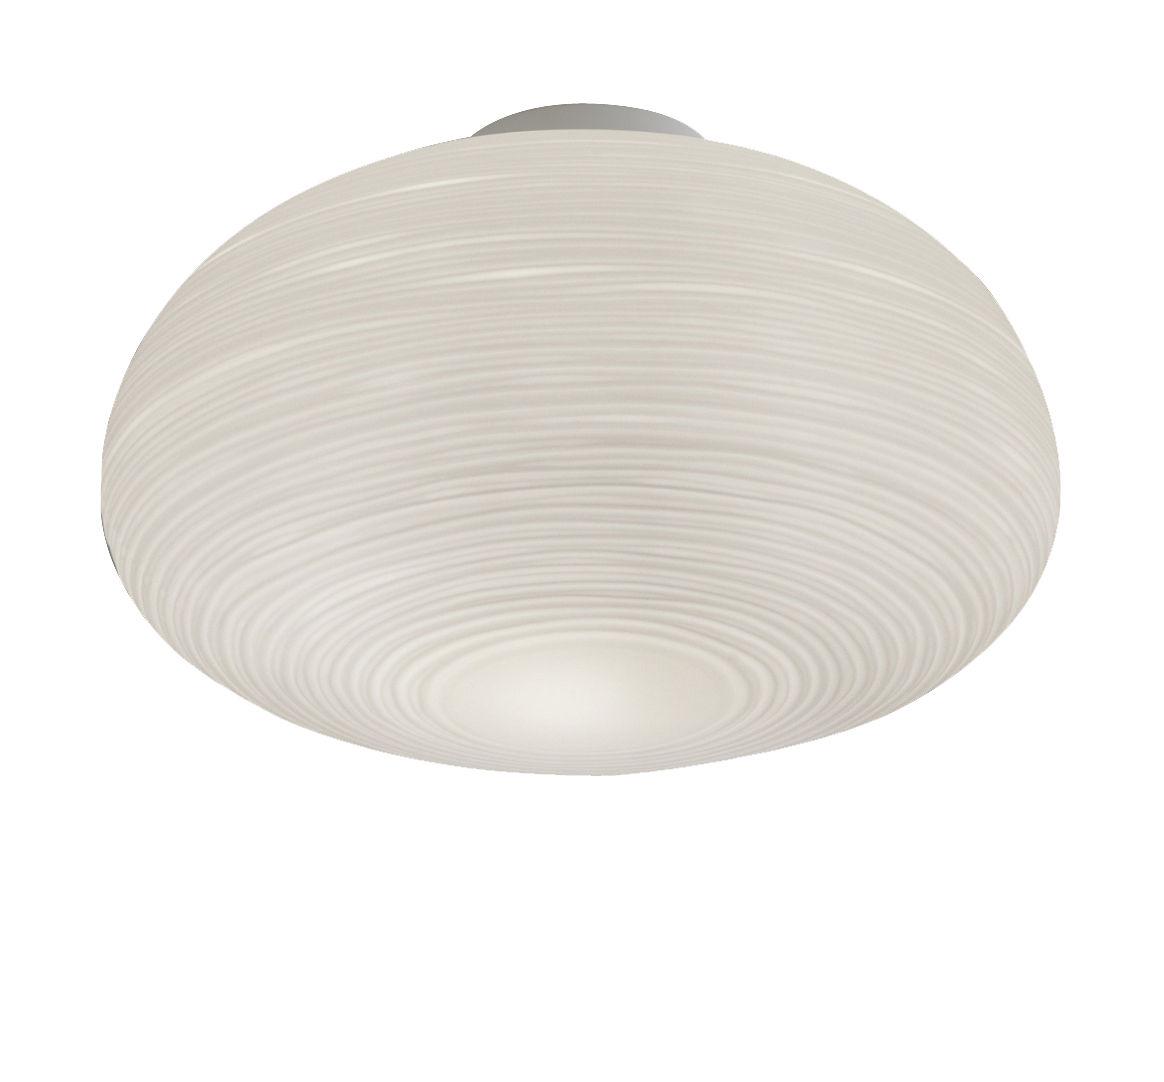 Luminaire - Appliques - Plafonnier Rituals 2 / Applique - Ø 34 x H 21 cm - Foscarini - Blanc / Ø 34 x H 21 cm - Métal laqué, Verre soufflé bouche